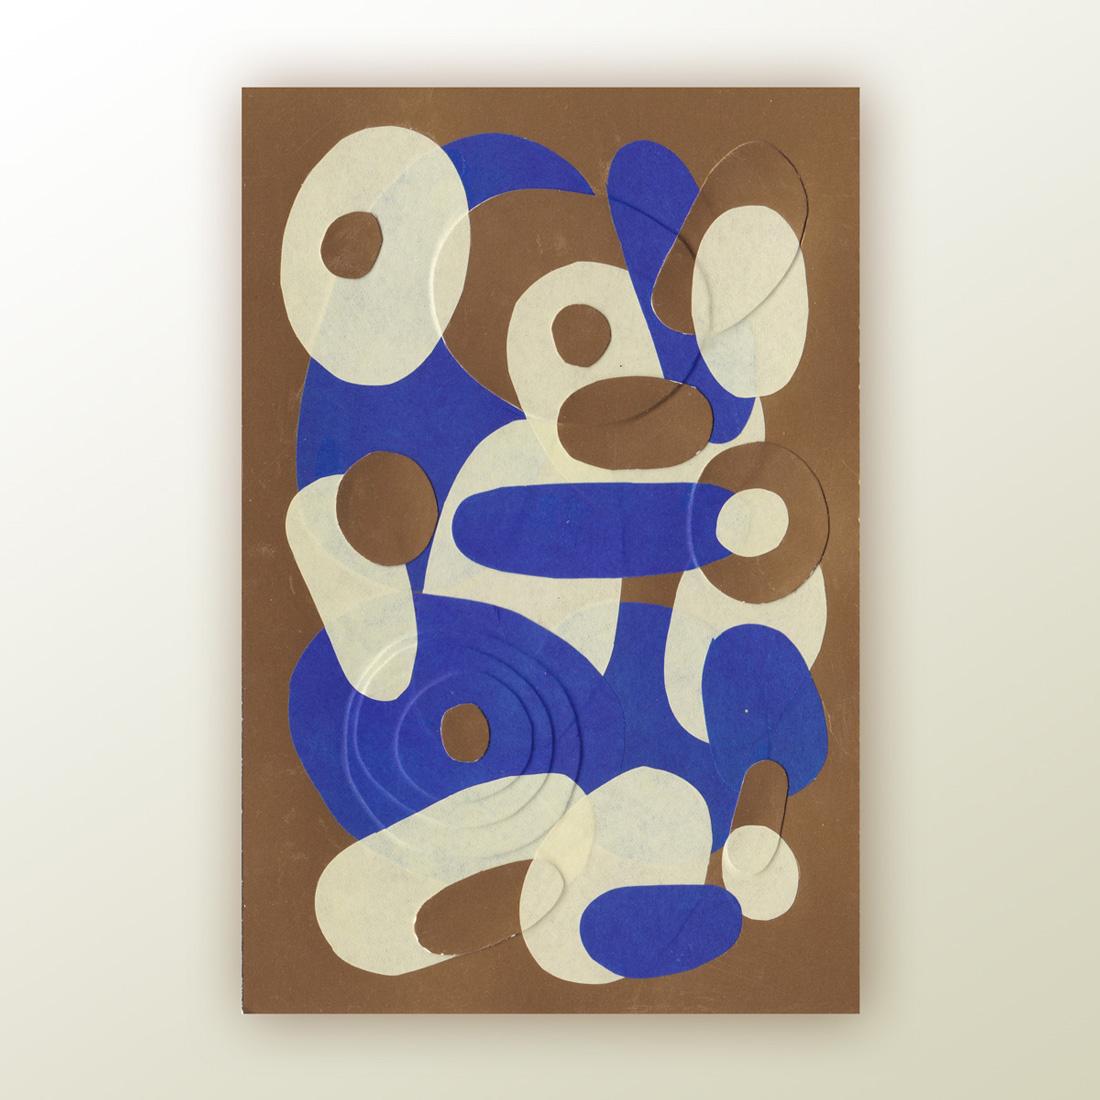 Petit collage de papier bleu et jaune sur fond doré format A6